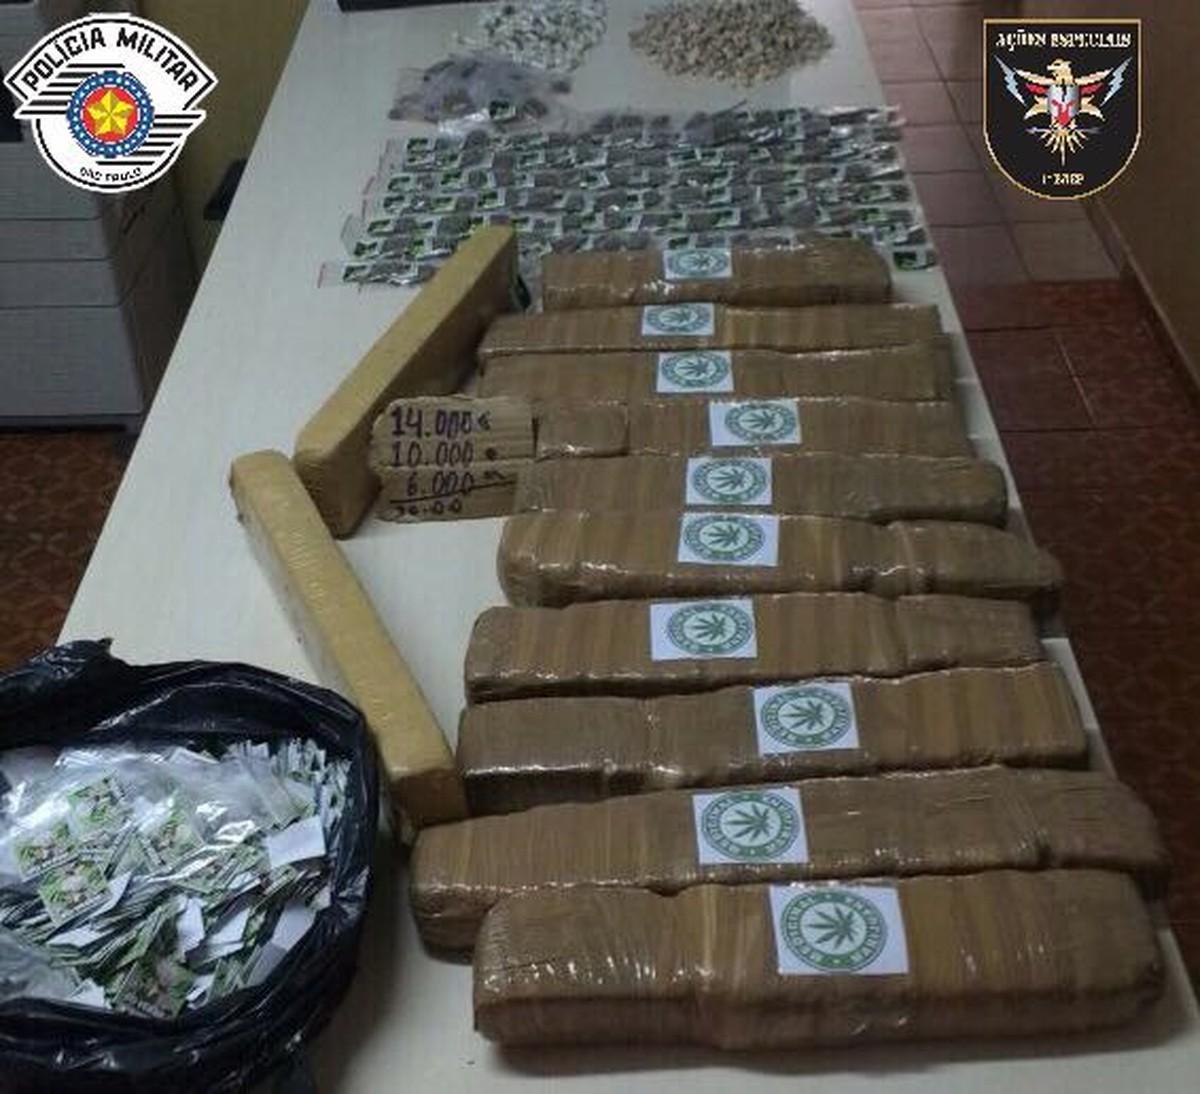 Polícia Militar apreende maconha, cocaína e crack escondida em buraco em Campinas